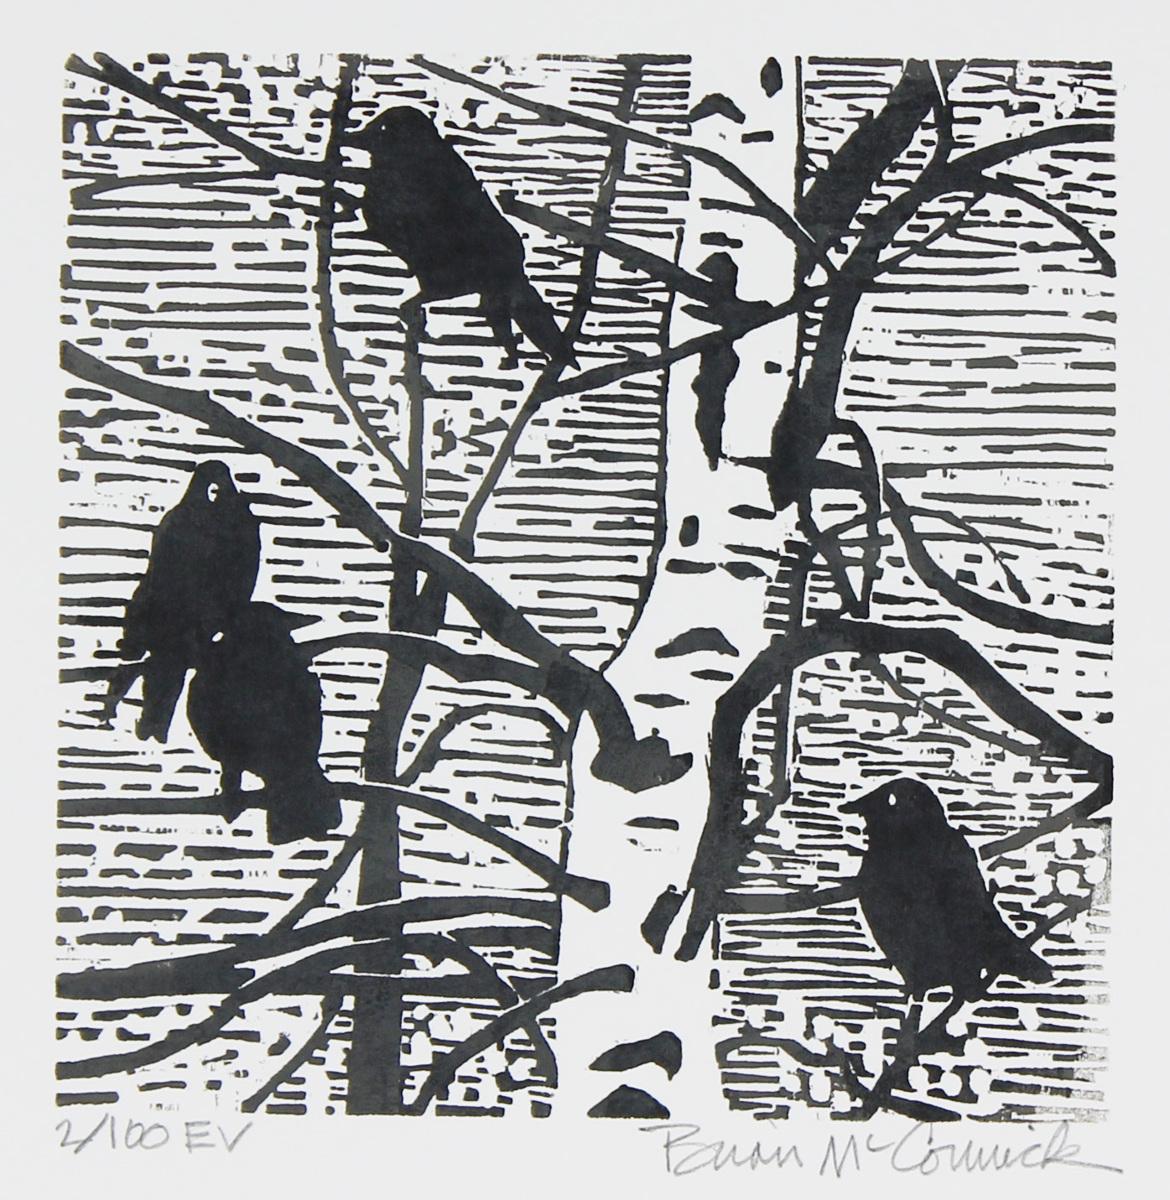 Four Crows, 2/100 EV (large view)